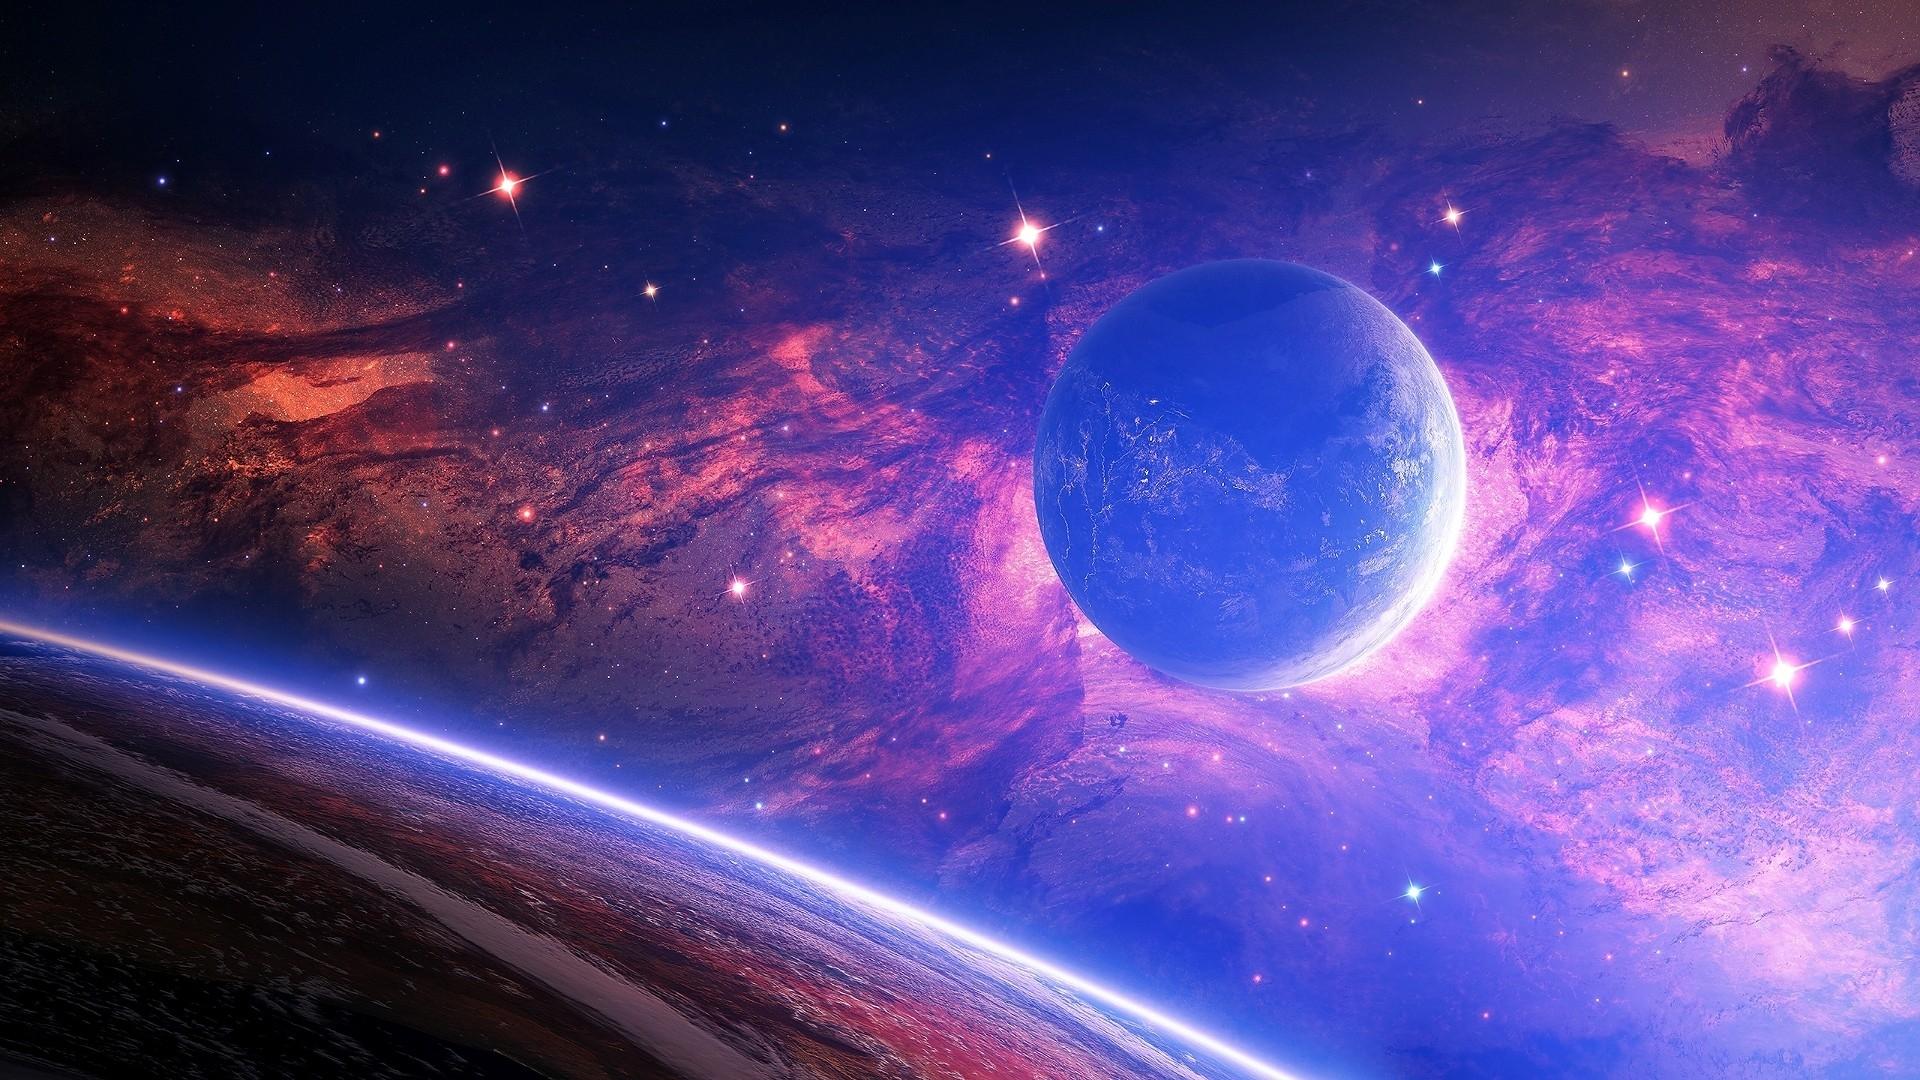 planet_light_spots_space_86643_1920x1080